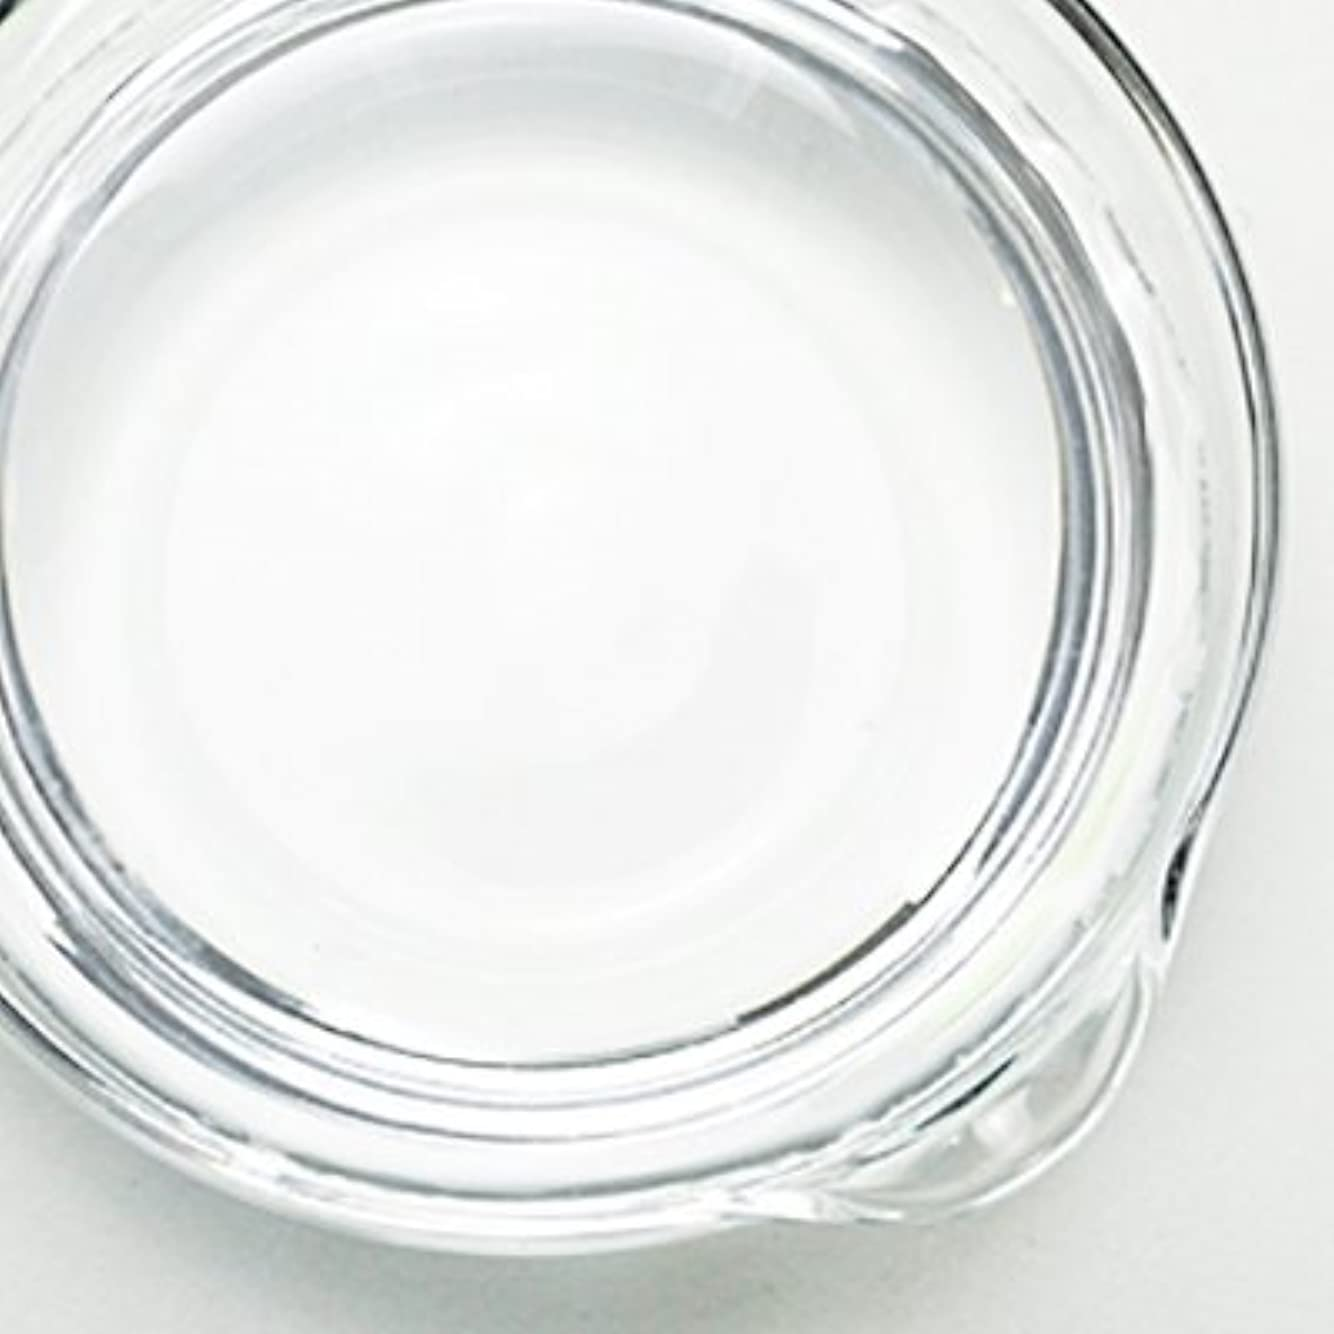 風刺トライアスリート不健康1,3-ブチレングリコール[BG] 100ml 【手作り石鹸/手作りコスメ】